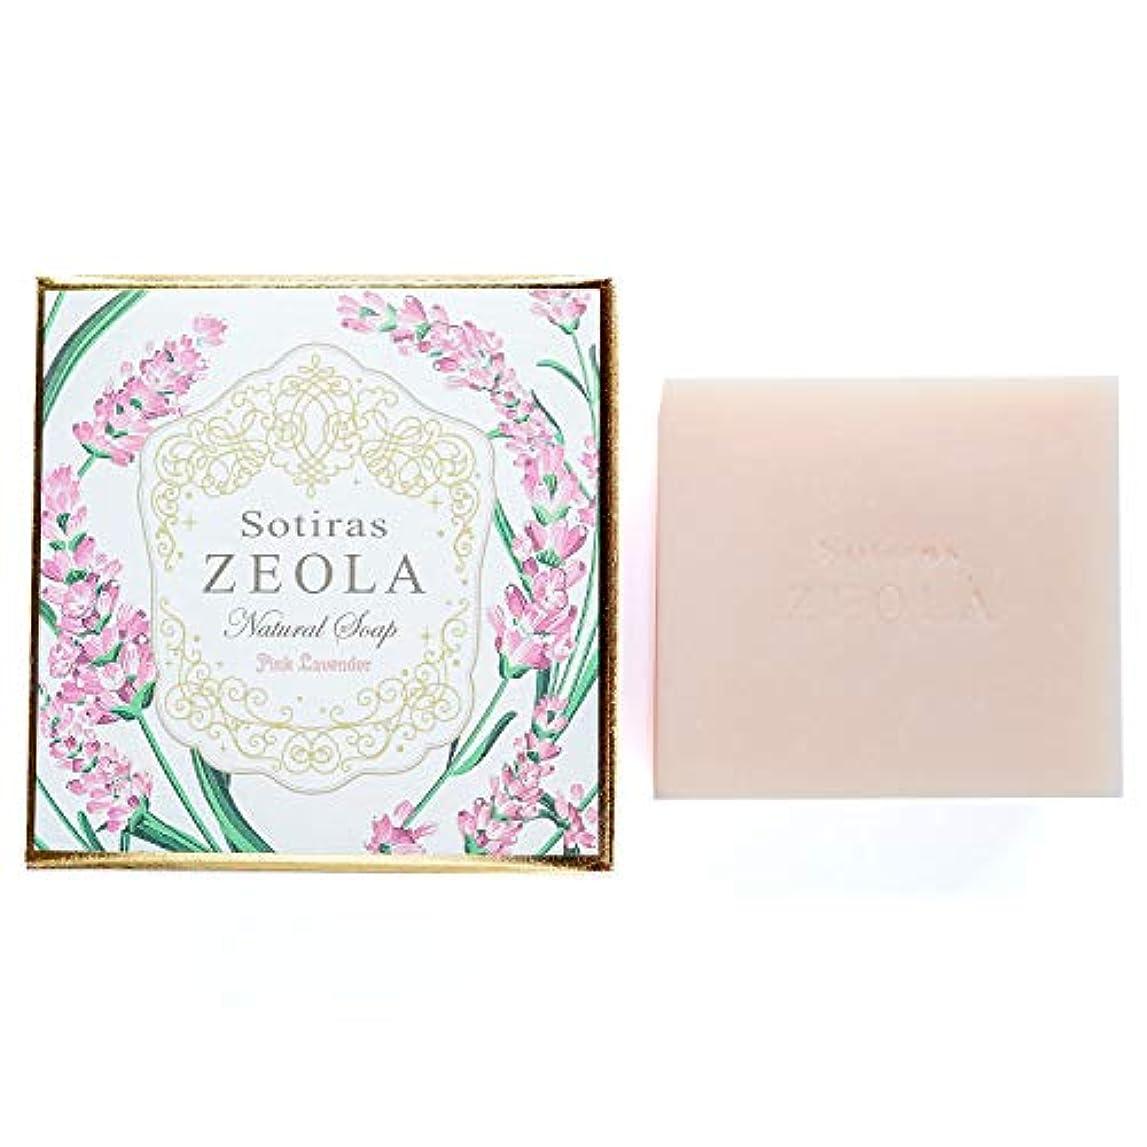 同意速い傷つきやすいSotiras ZEOLA ナチュラルソープ 洗顔用 ピンクラベンダー 天然 ゼオライト 化粧品 石けん 無添加 保湿成分 はちみつ 枠練り石鹸 人気 ランキング 毛穴 汗 臭いケア 香り 美肌 固形石鹸